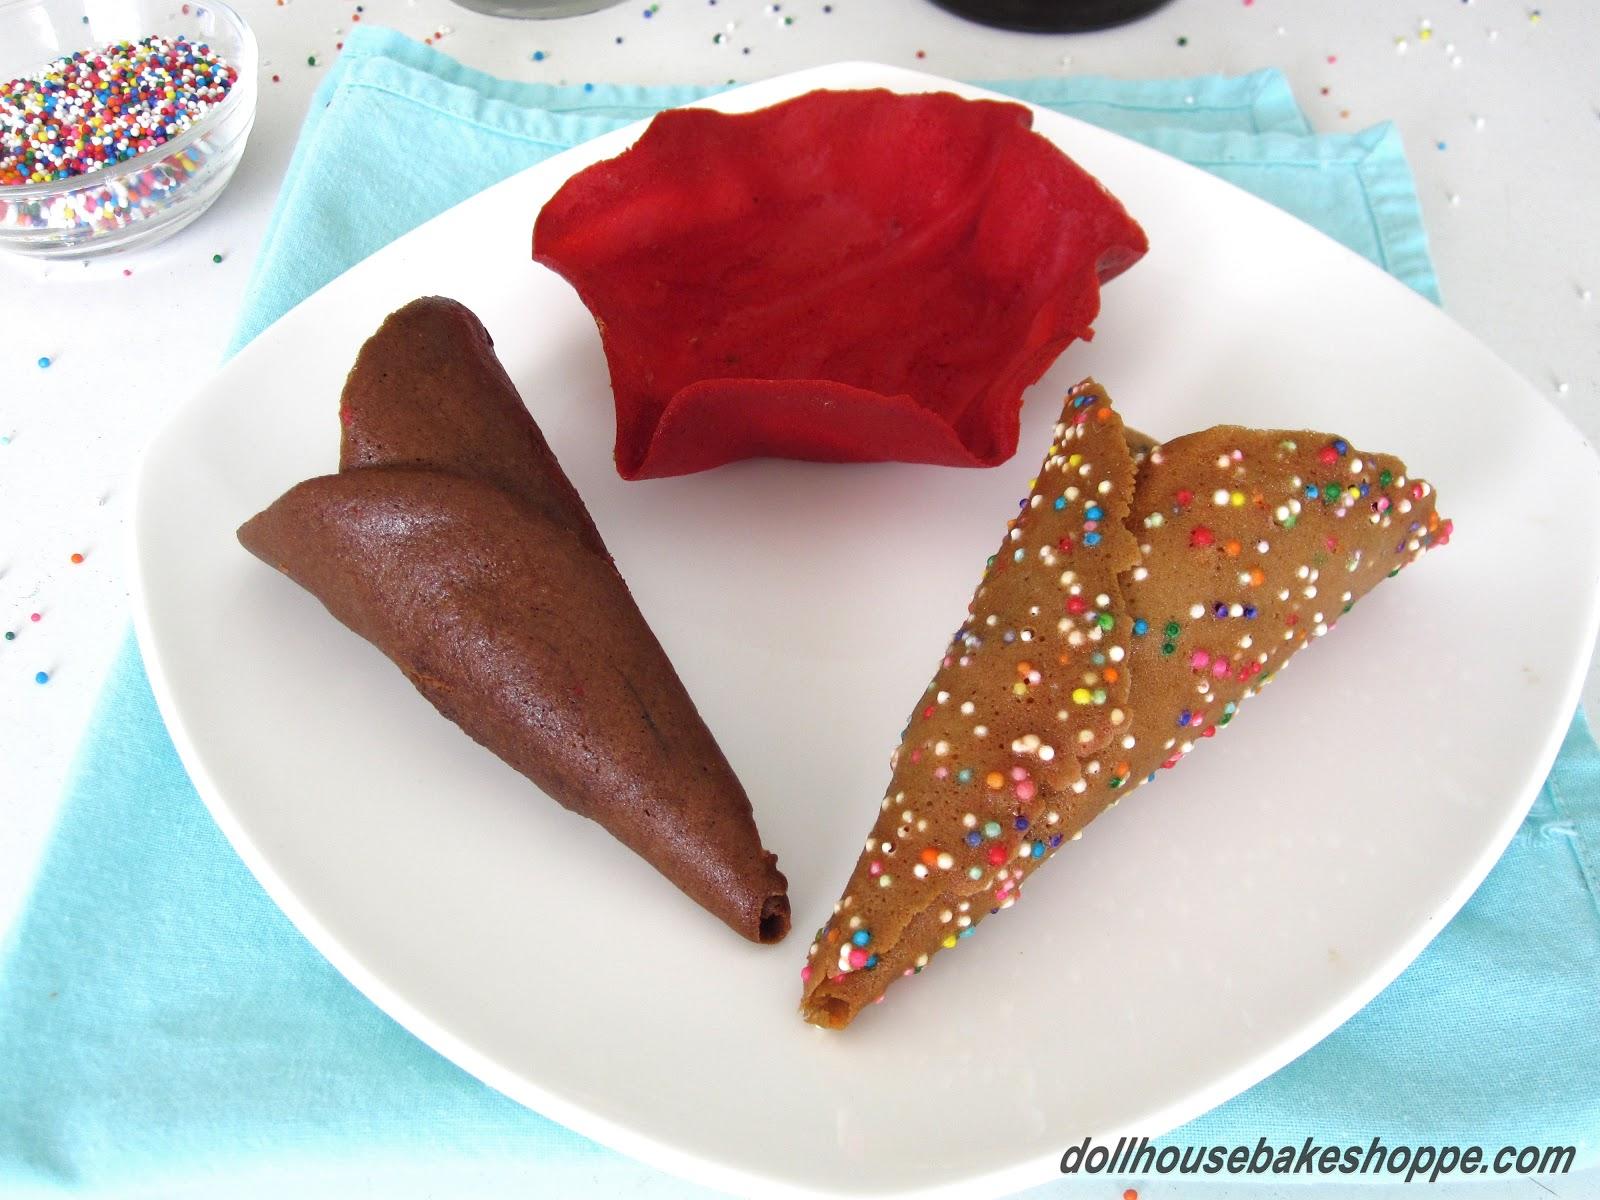 Homemade Flavored Ice Cream Cones: Confetti Cones, Chocolate Cones ...